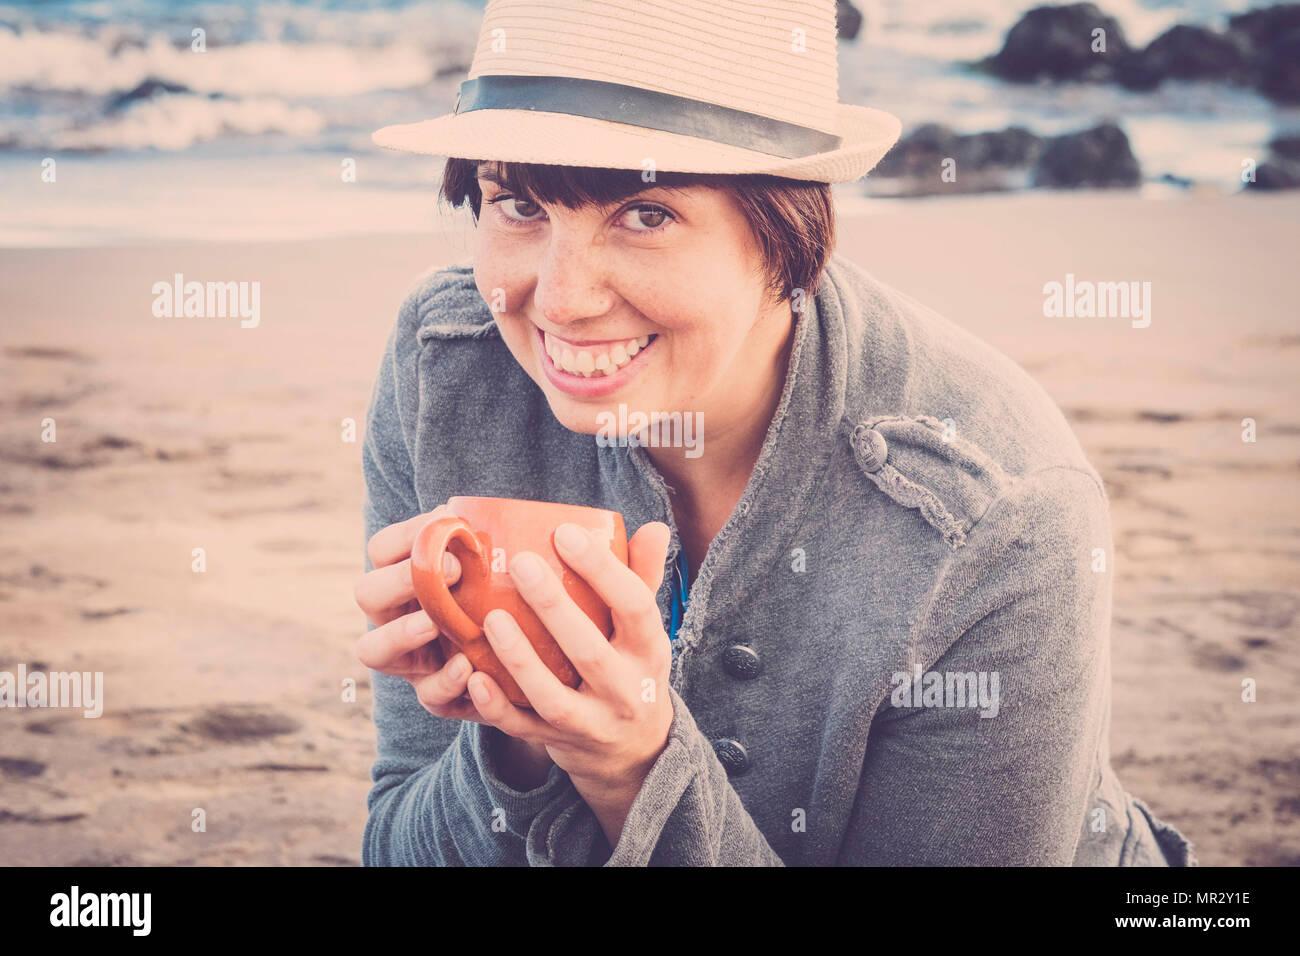 Nett lächelnden jungen Frau sitzen unten am Strand mit Blick auf das Meer im Hintergrund. trinken eine Tasse Tee oder Kaffee für eine Freizeitaktivität relalxed und angeschlossen Stockbild